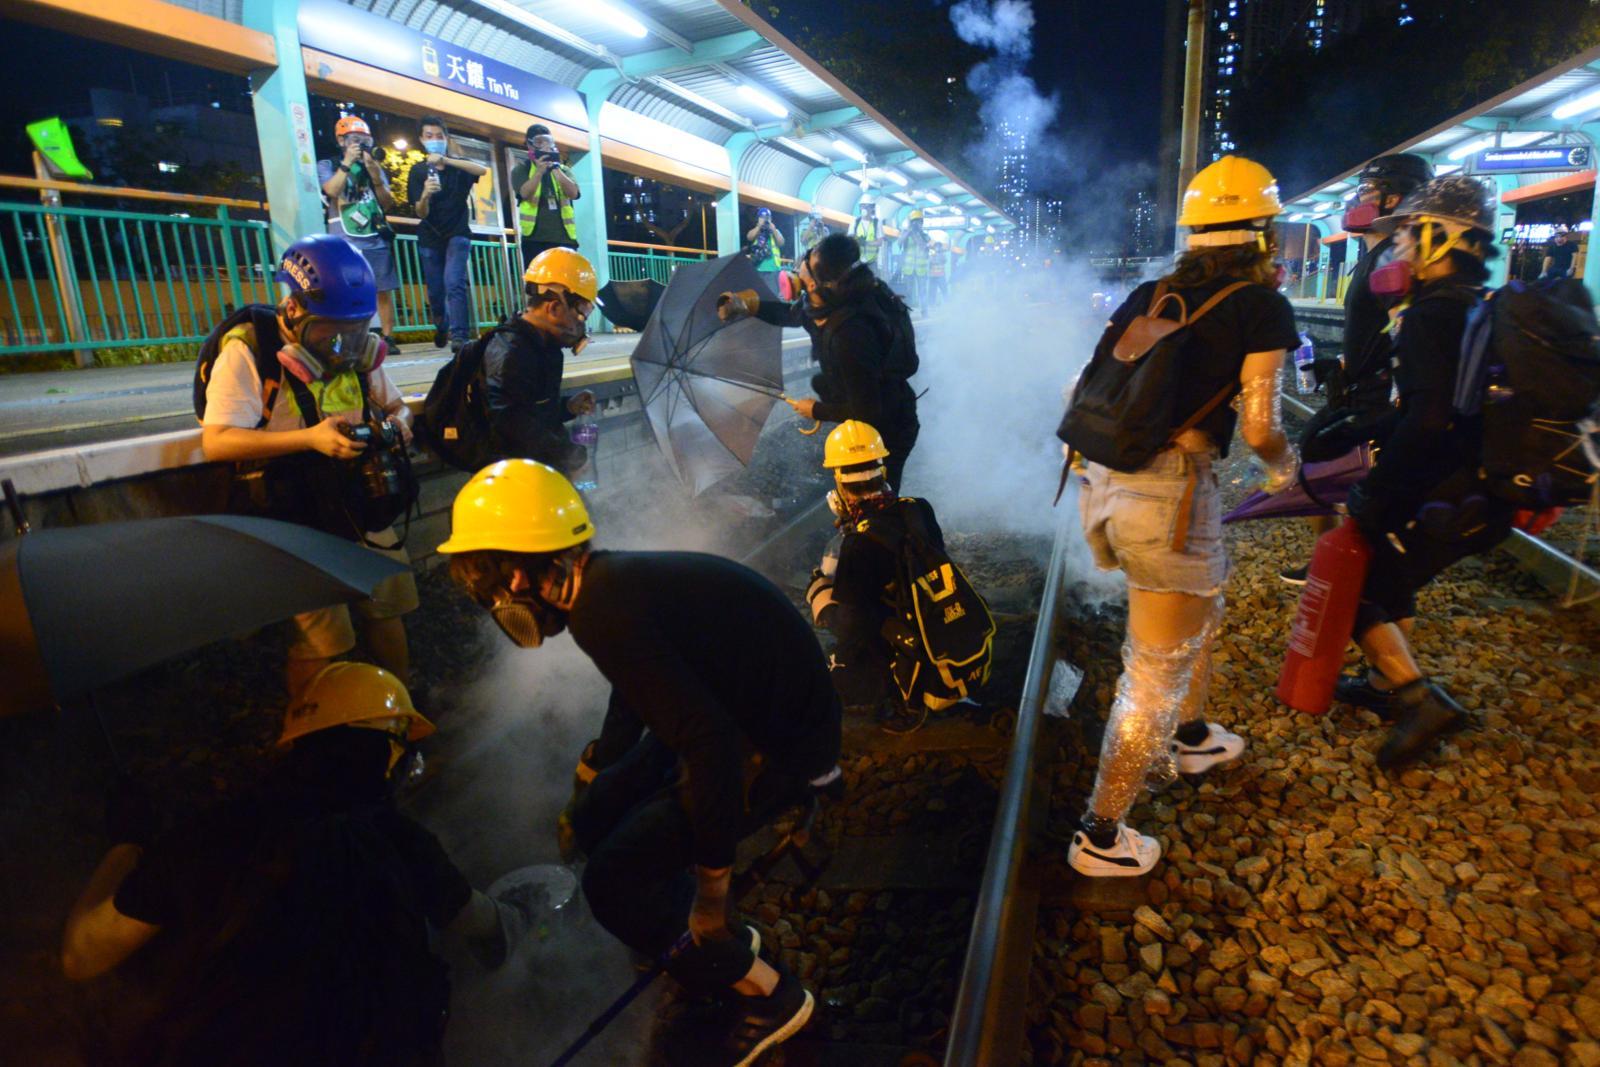 示威者向警署投擲石塊